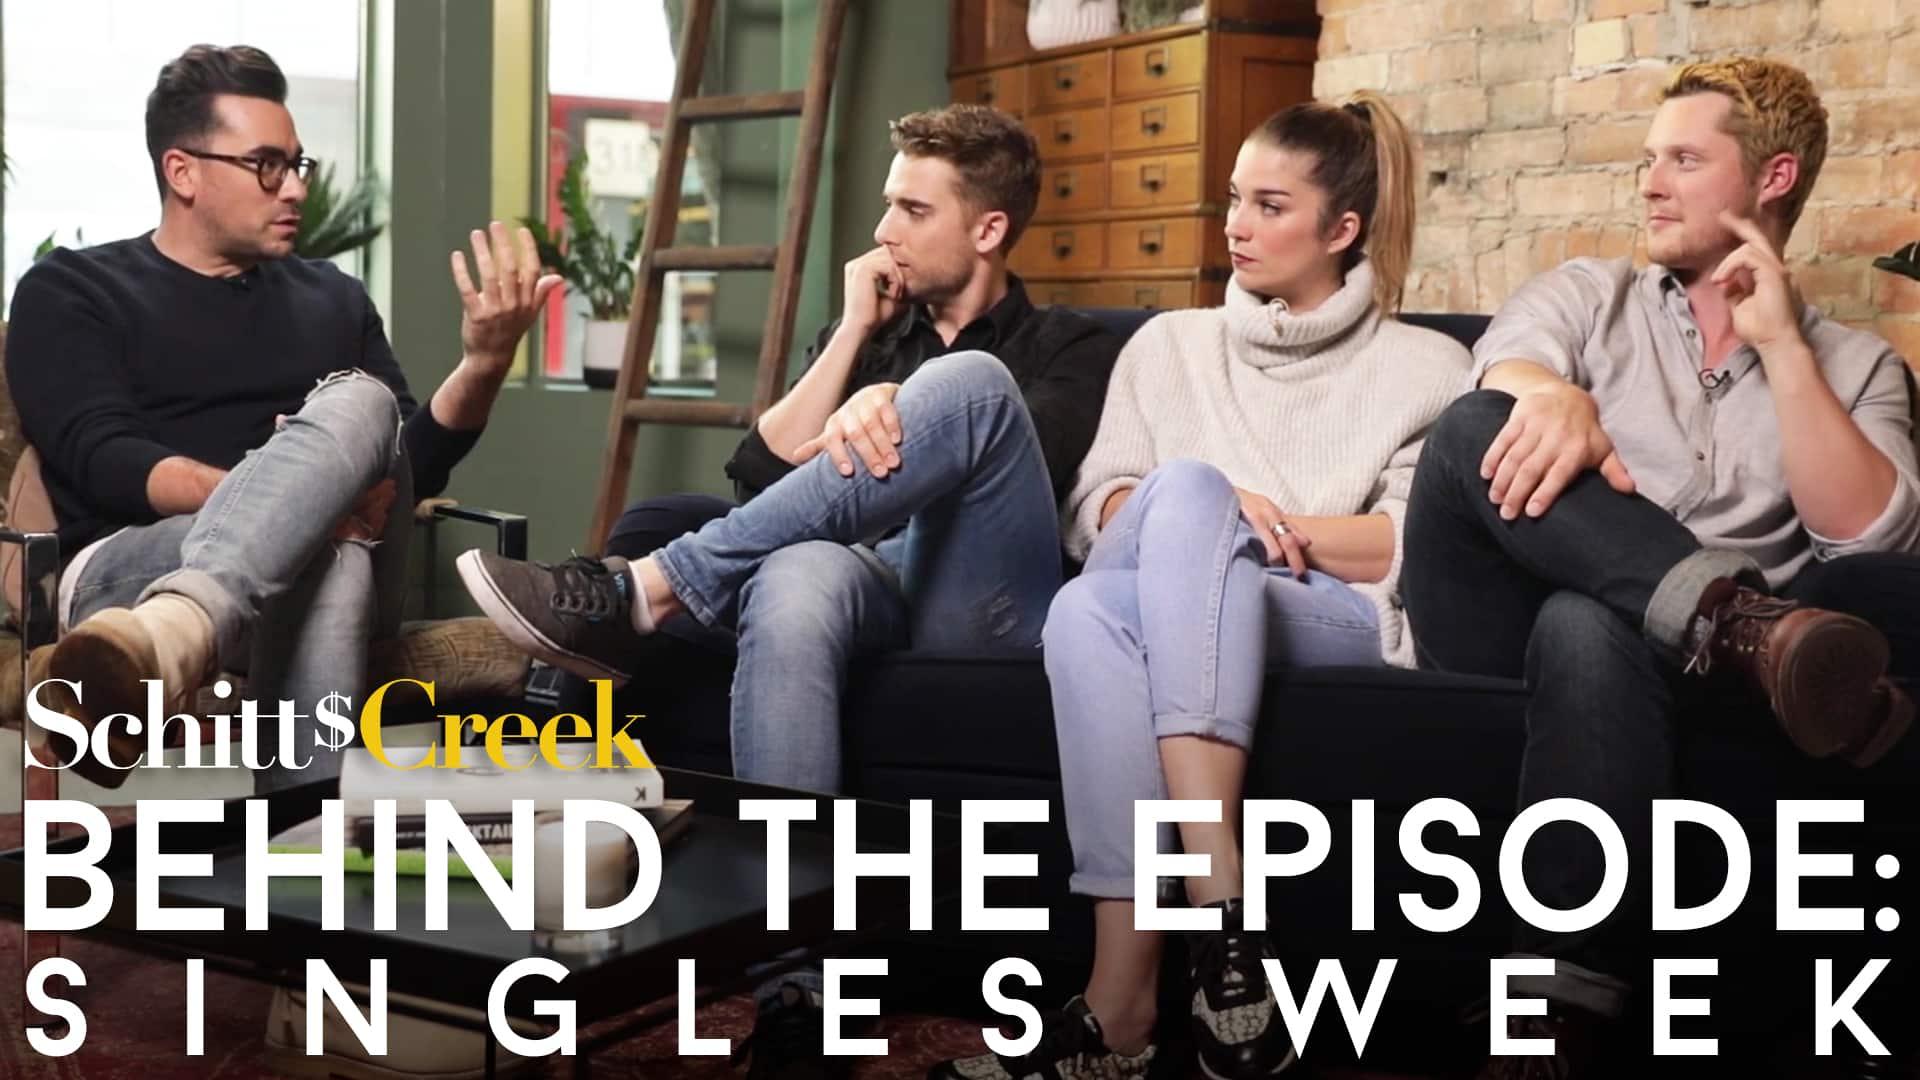 Singles Week | Behind the Episode